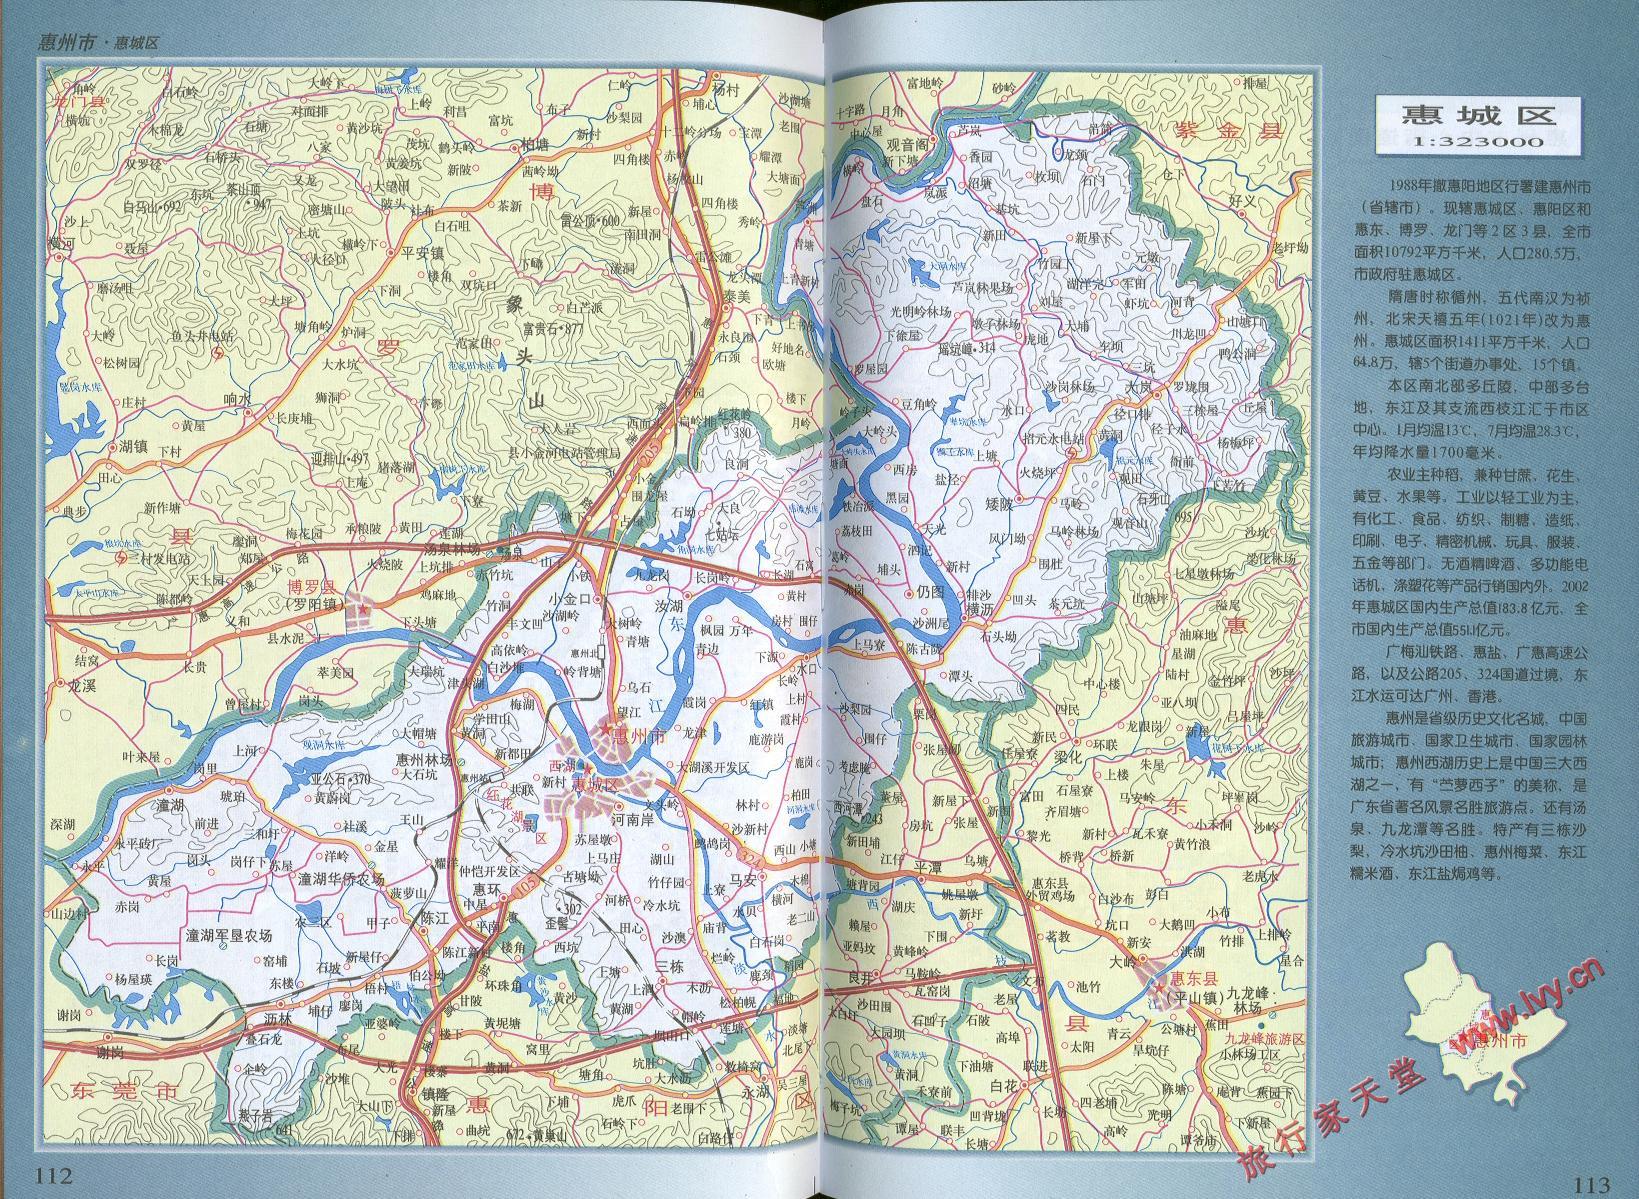 地图 惠州/惠州市惠城区地图